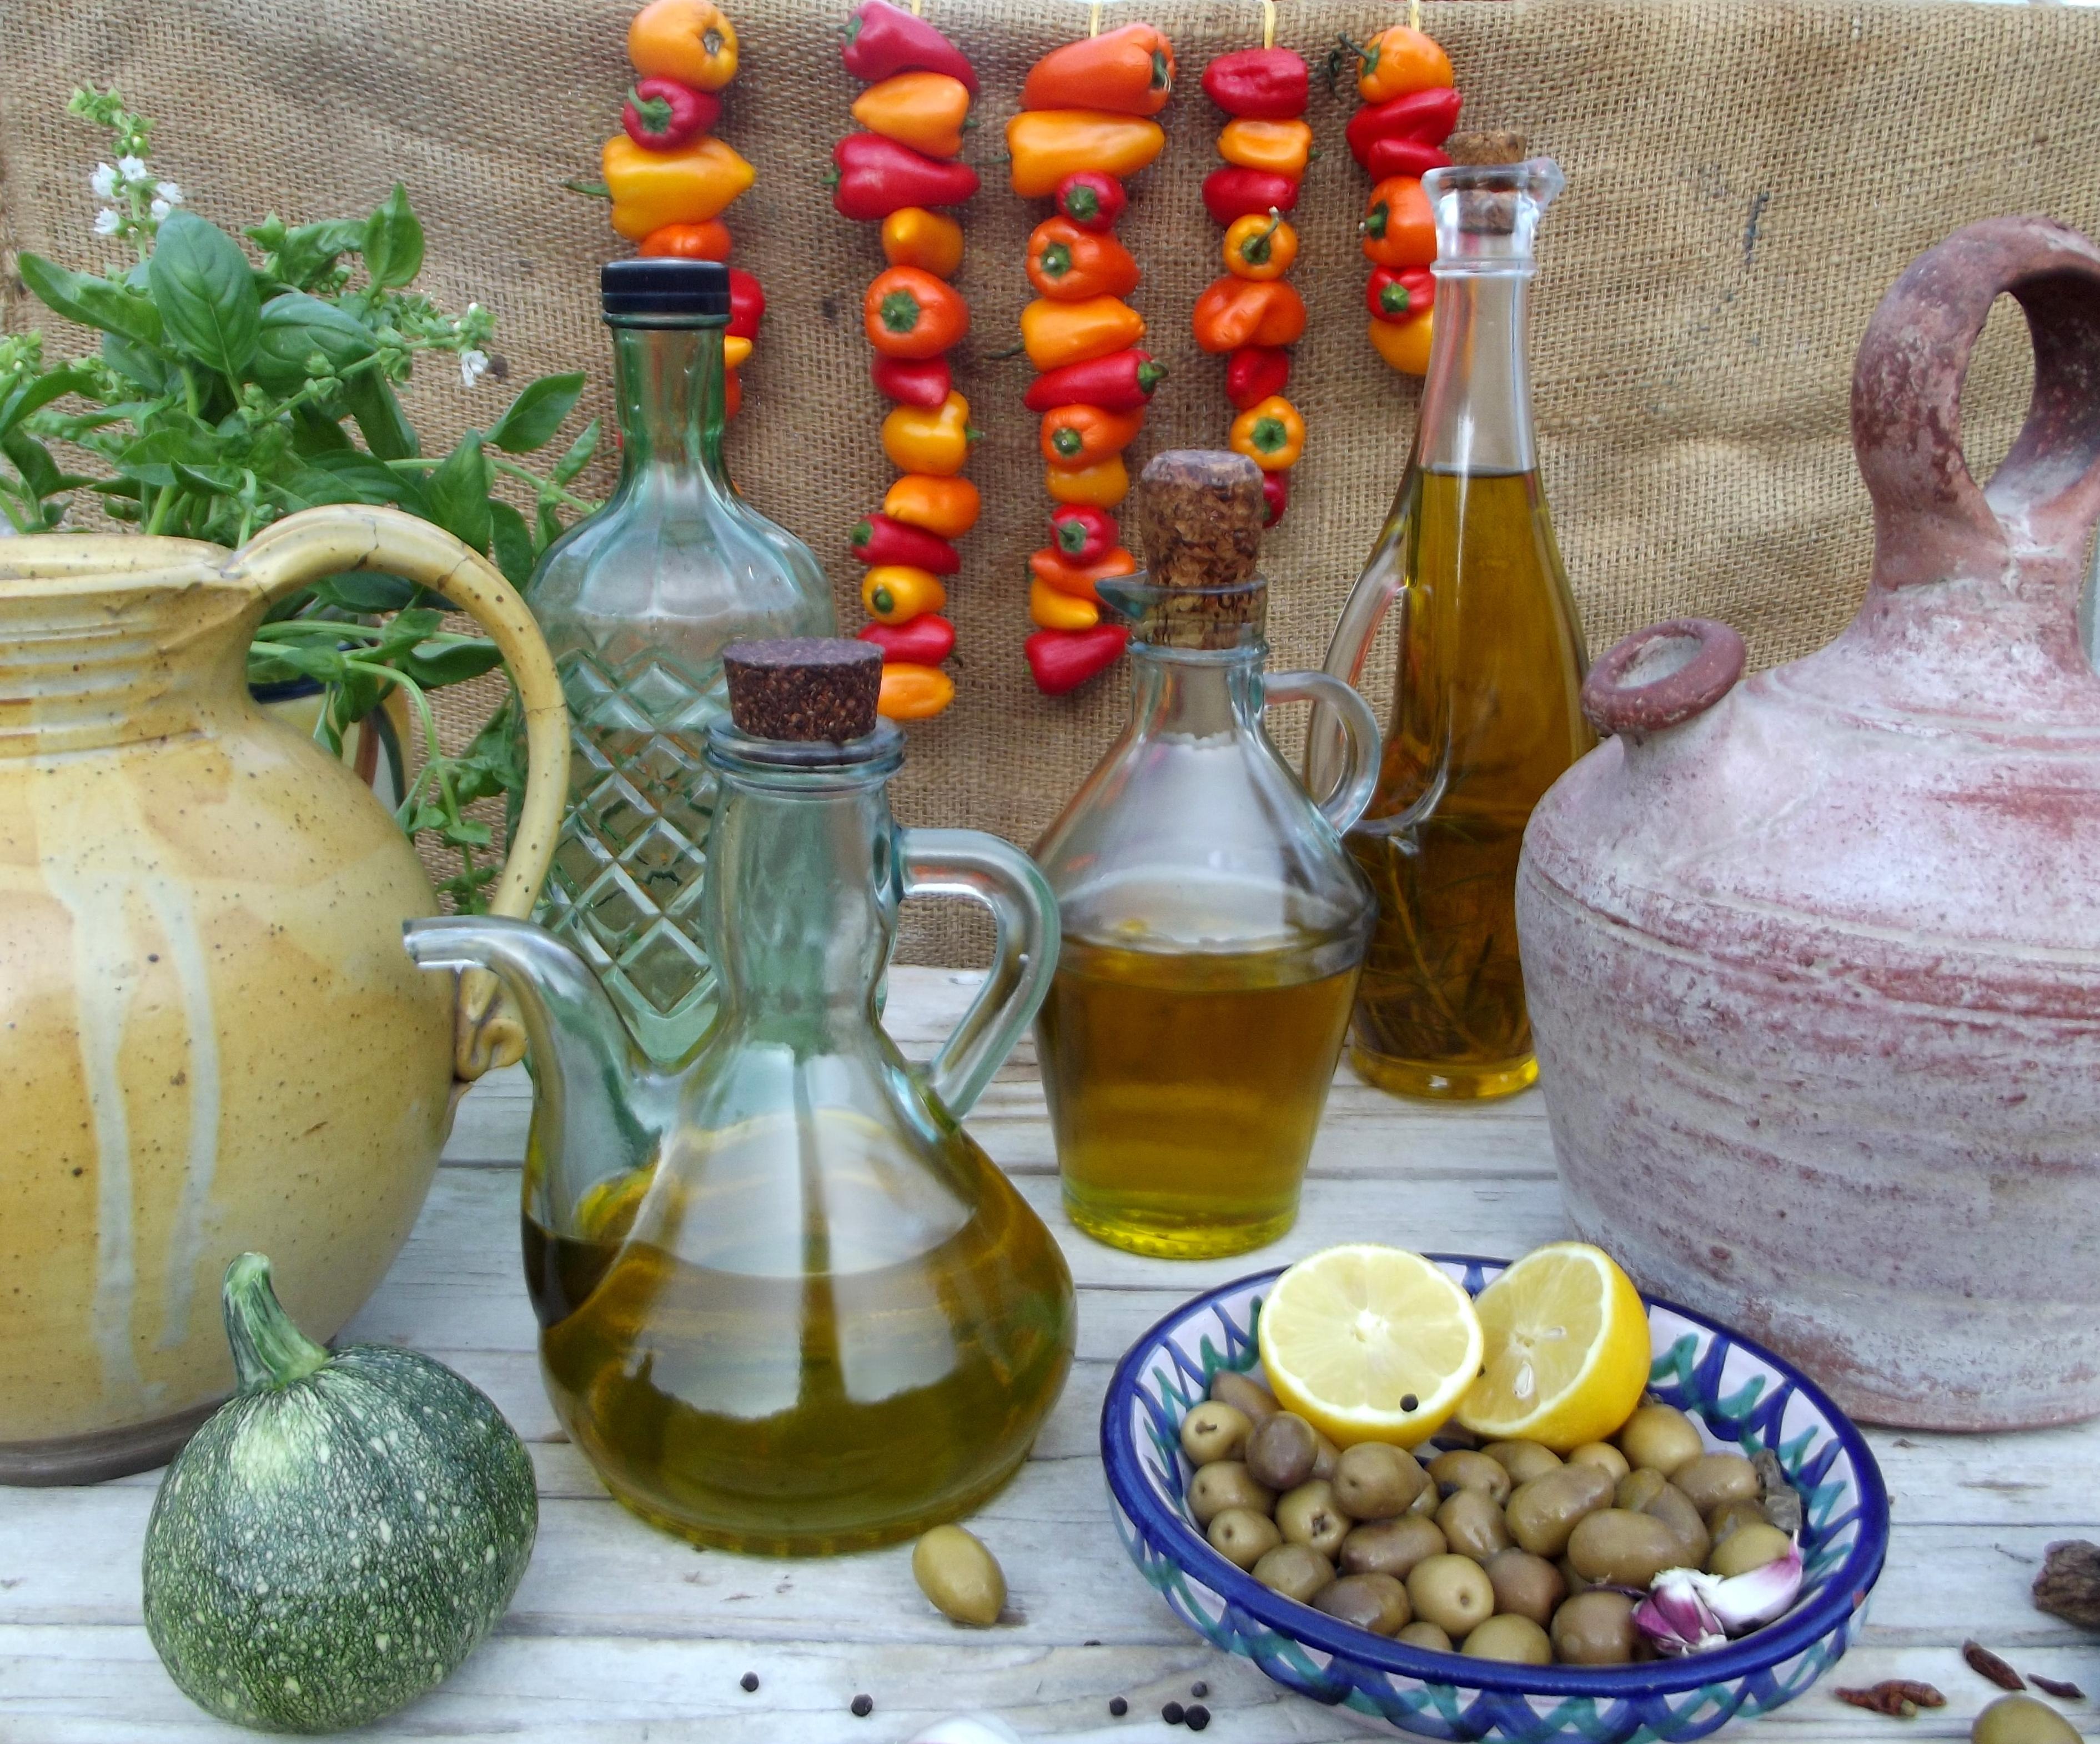 olive oil, olives and hanging vegetables